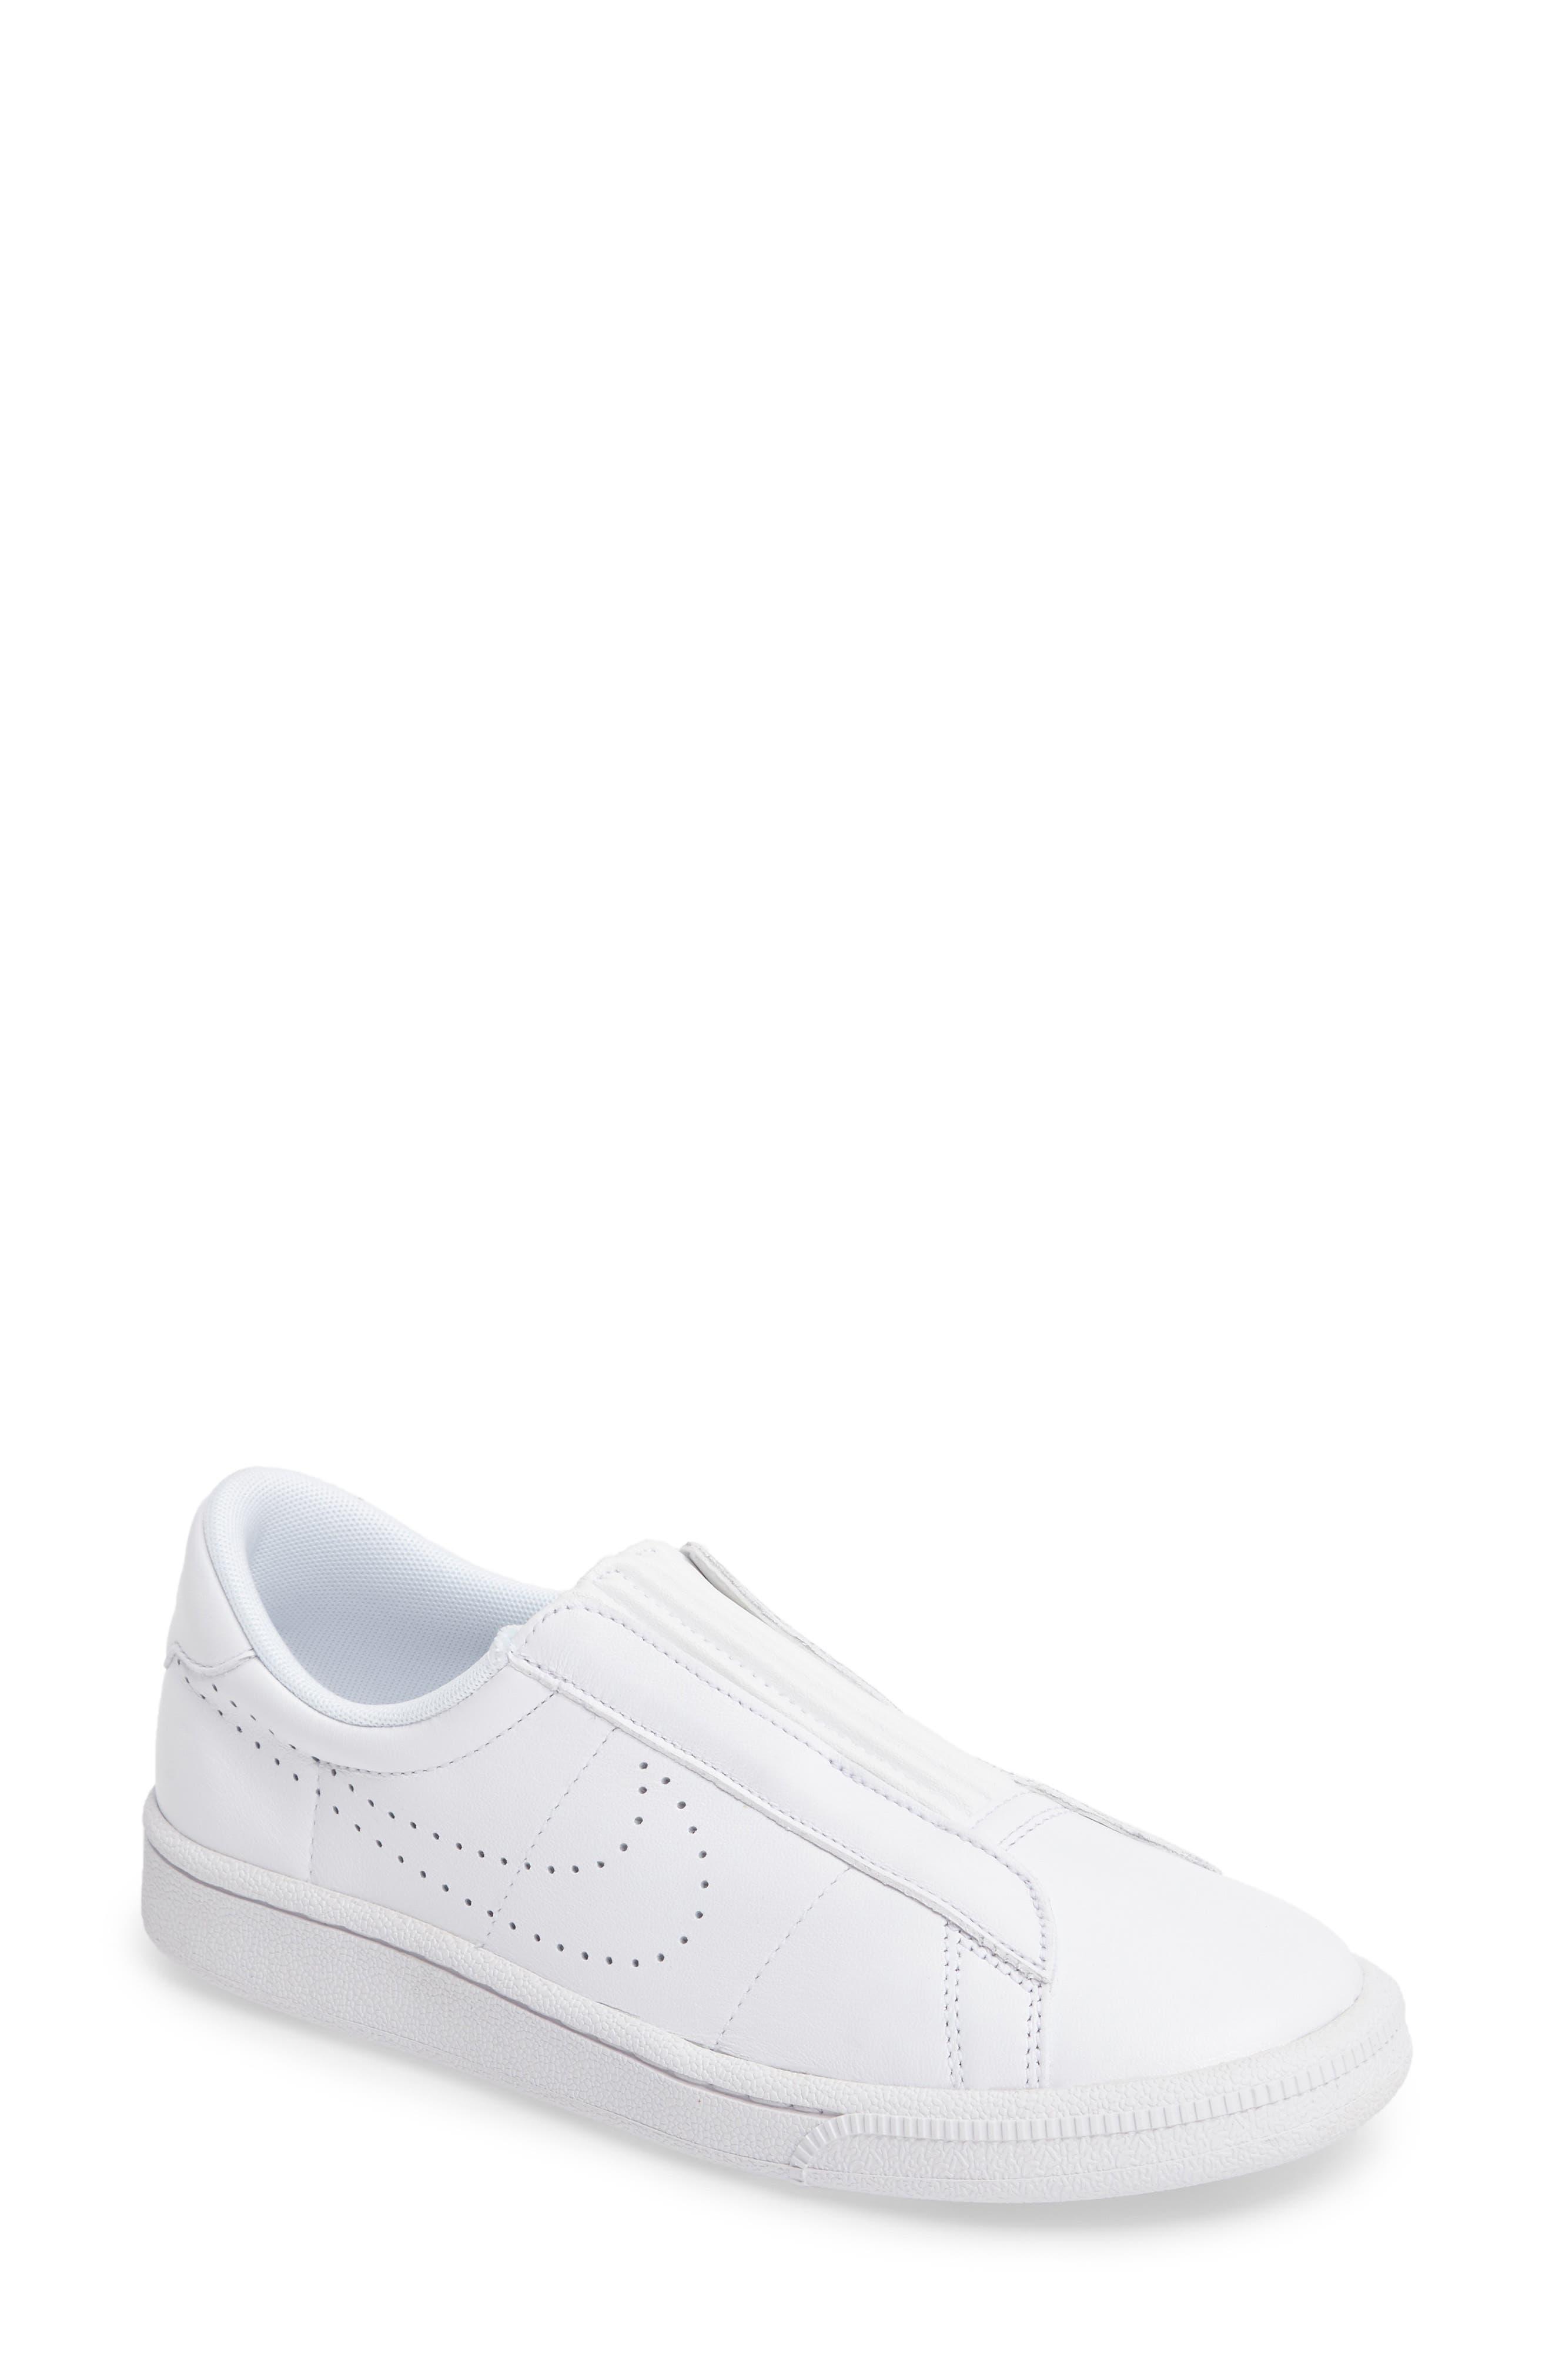 Classic EZ Slip-On Tennis Shoe,                             Main thumbnail 1, color,                             White/ White/ Black